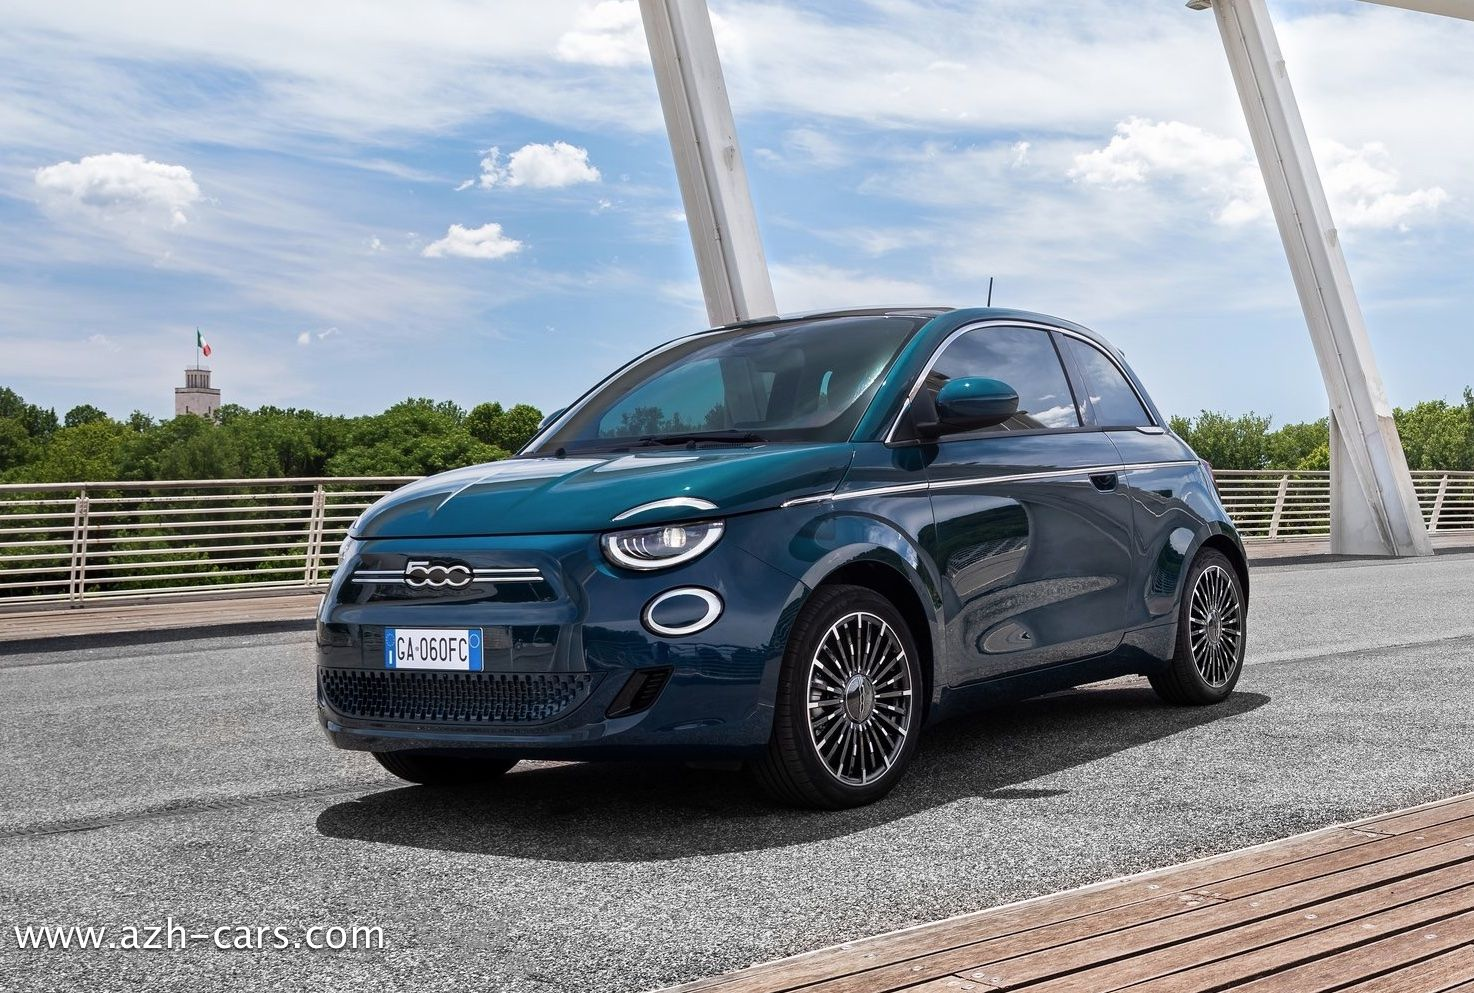 Fiat 500 la Prima Review, Specs and Price 2021 in 2020